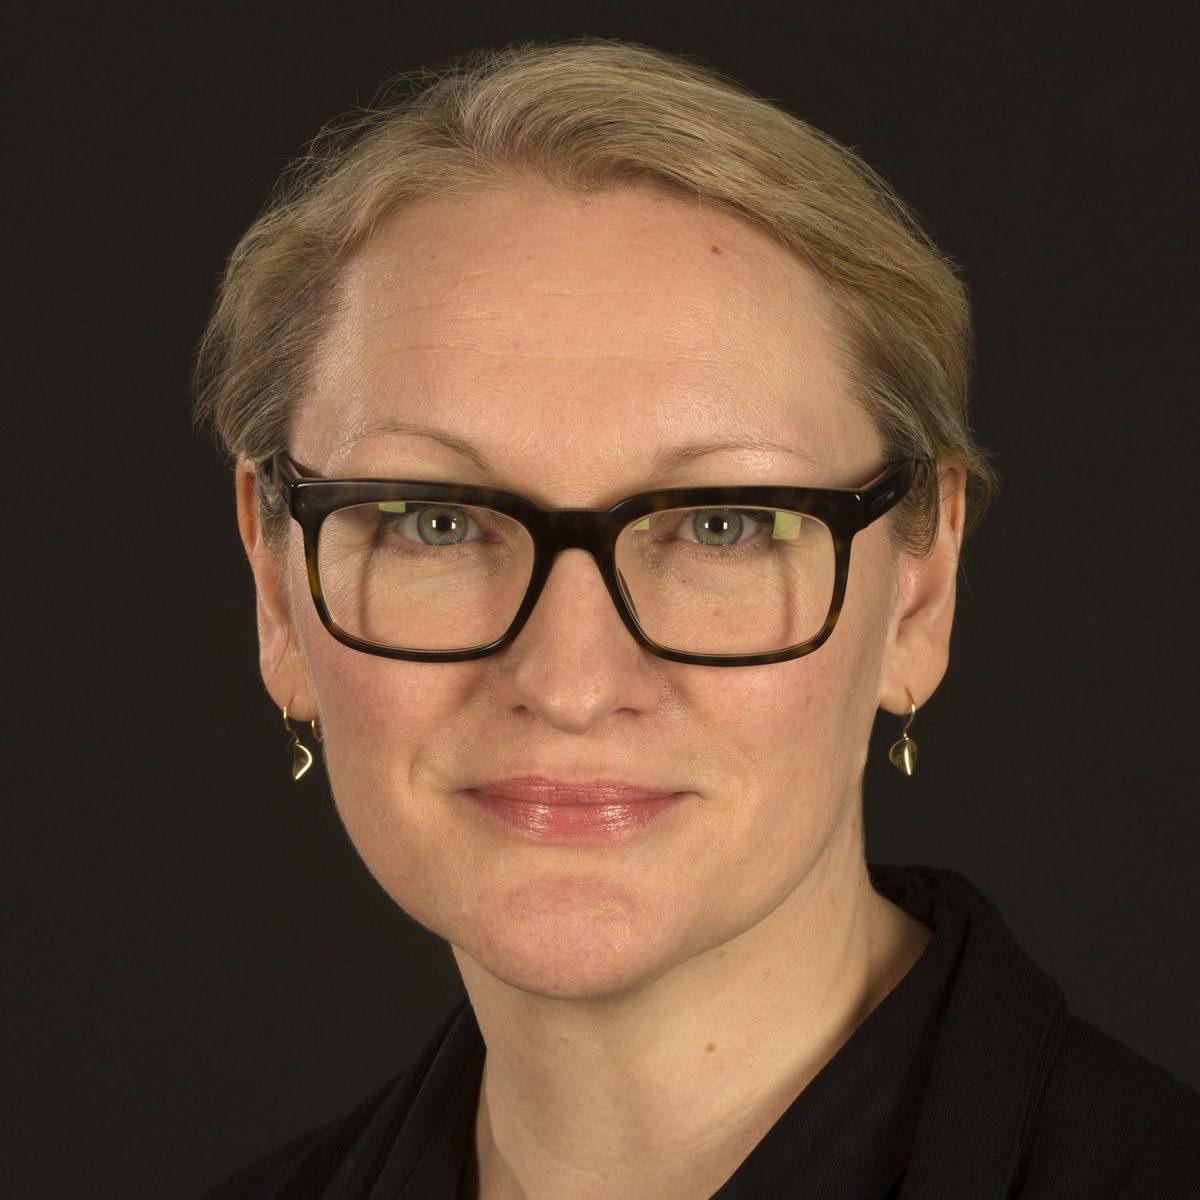 Dr Vaneesha Gibbons